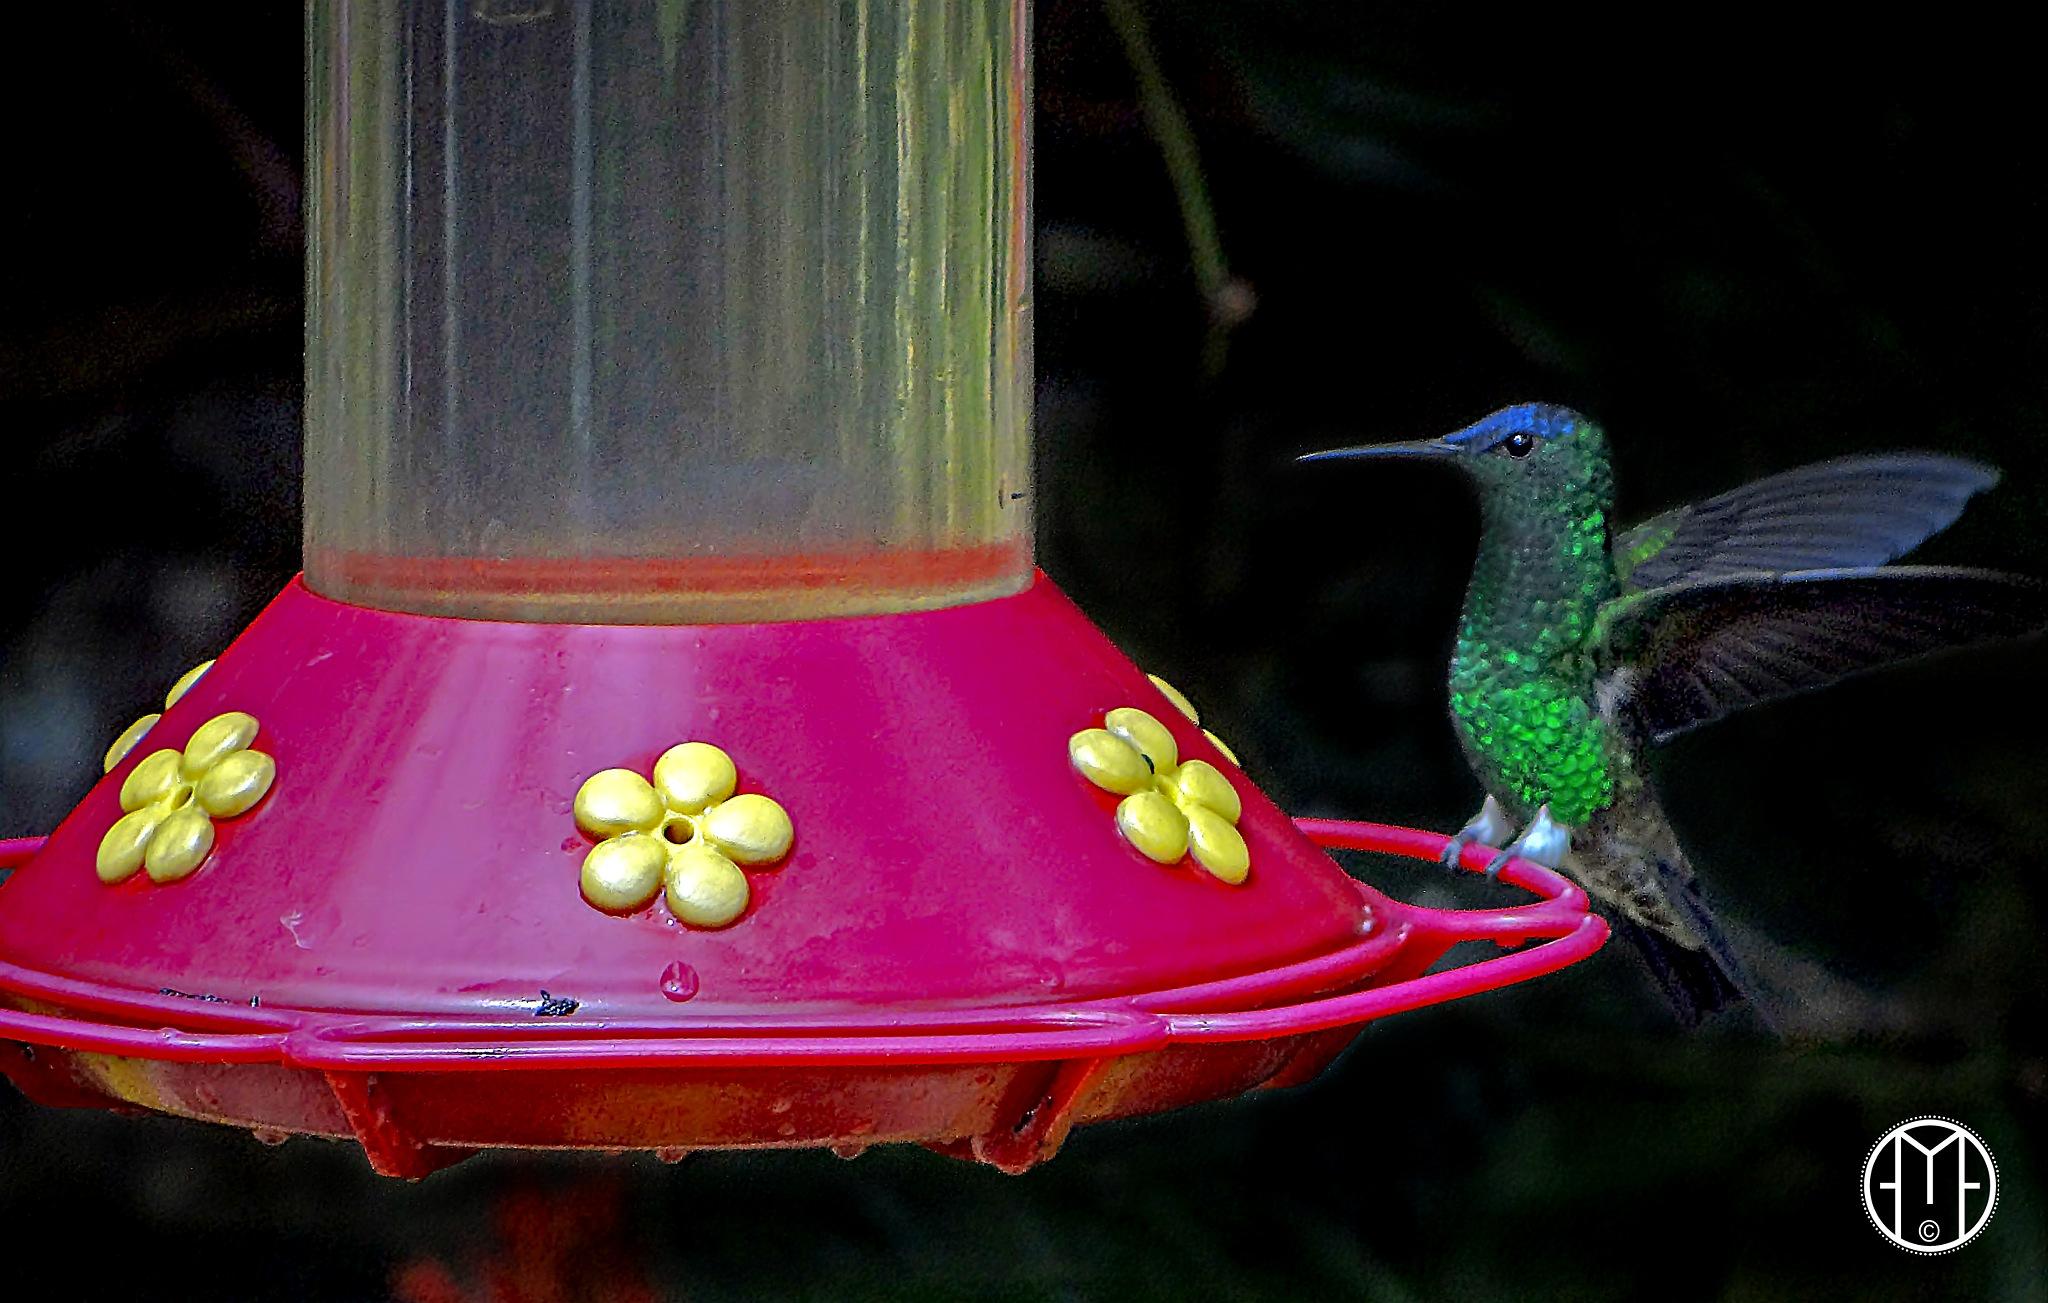 humming bird - colibrí by Gabriel Ochoa Rojas